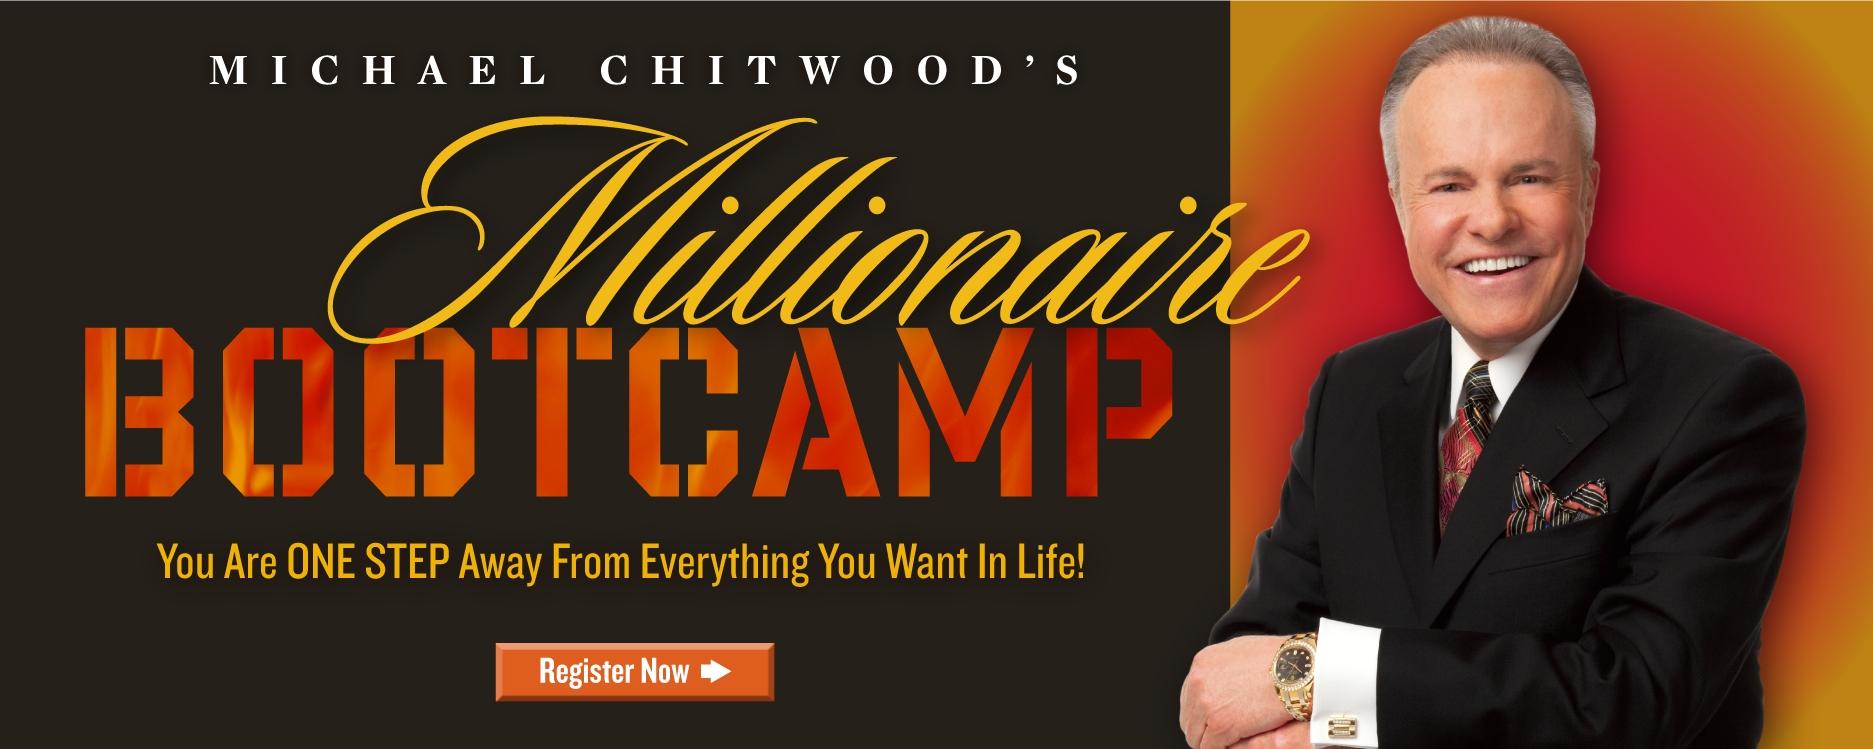 Millionaire Bootcamp Banner_3